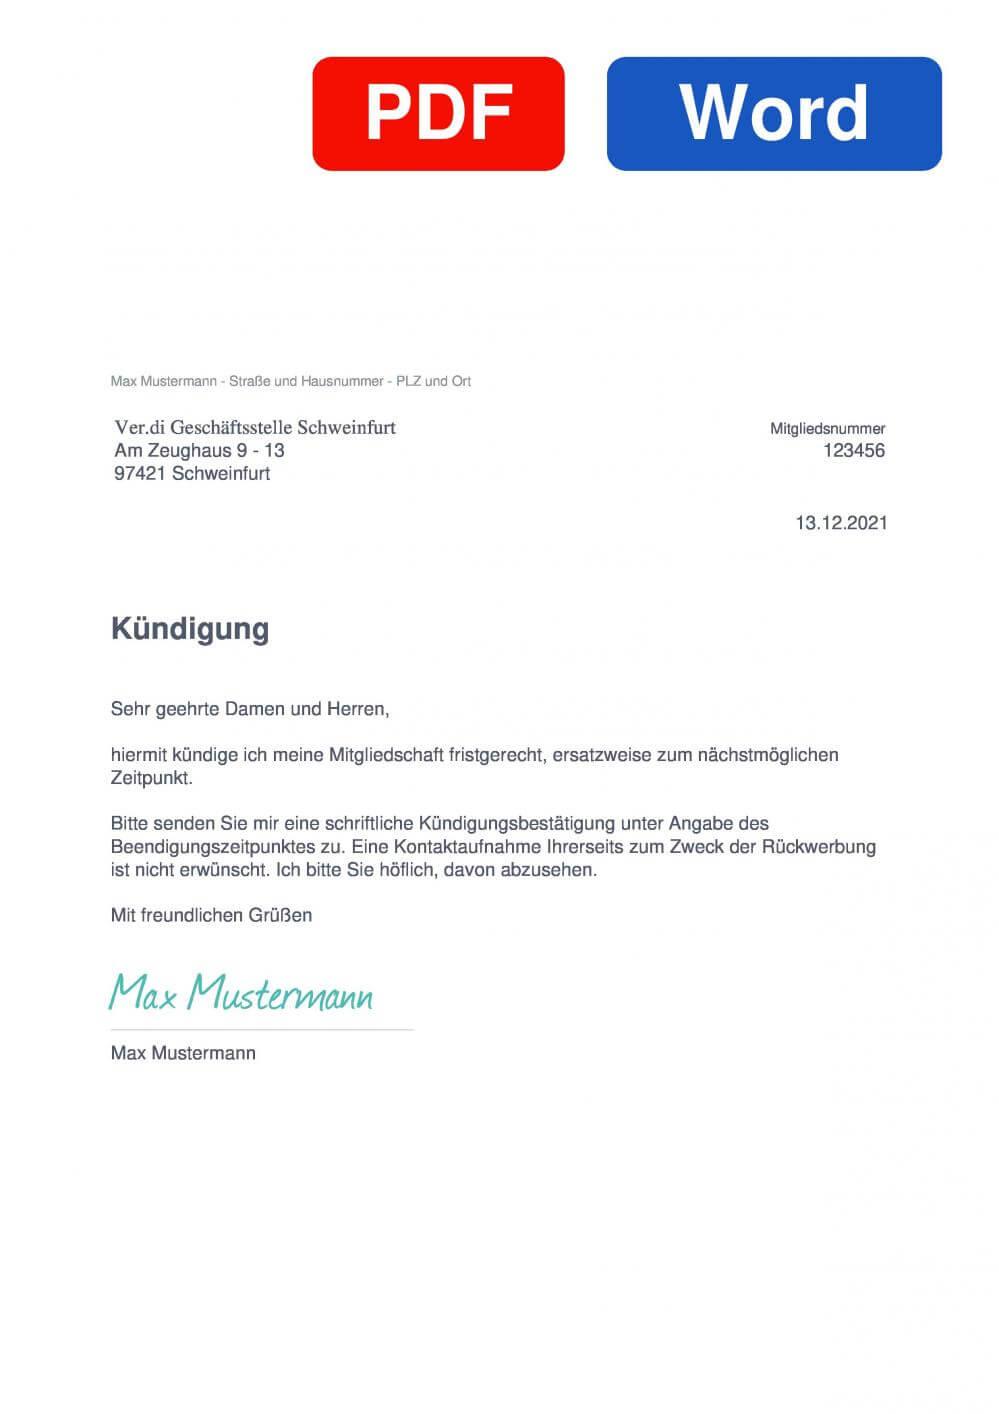 Verdi Schweinfurt Muster Vorlage für Kündigungsschreiben